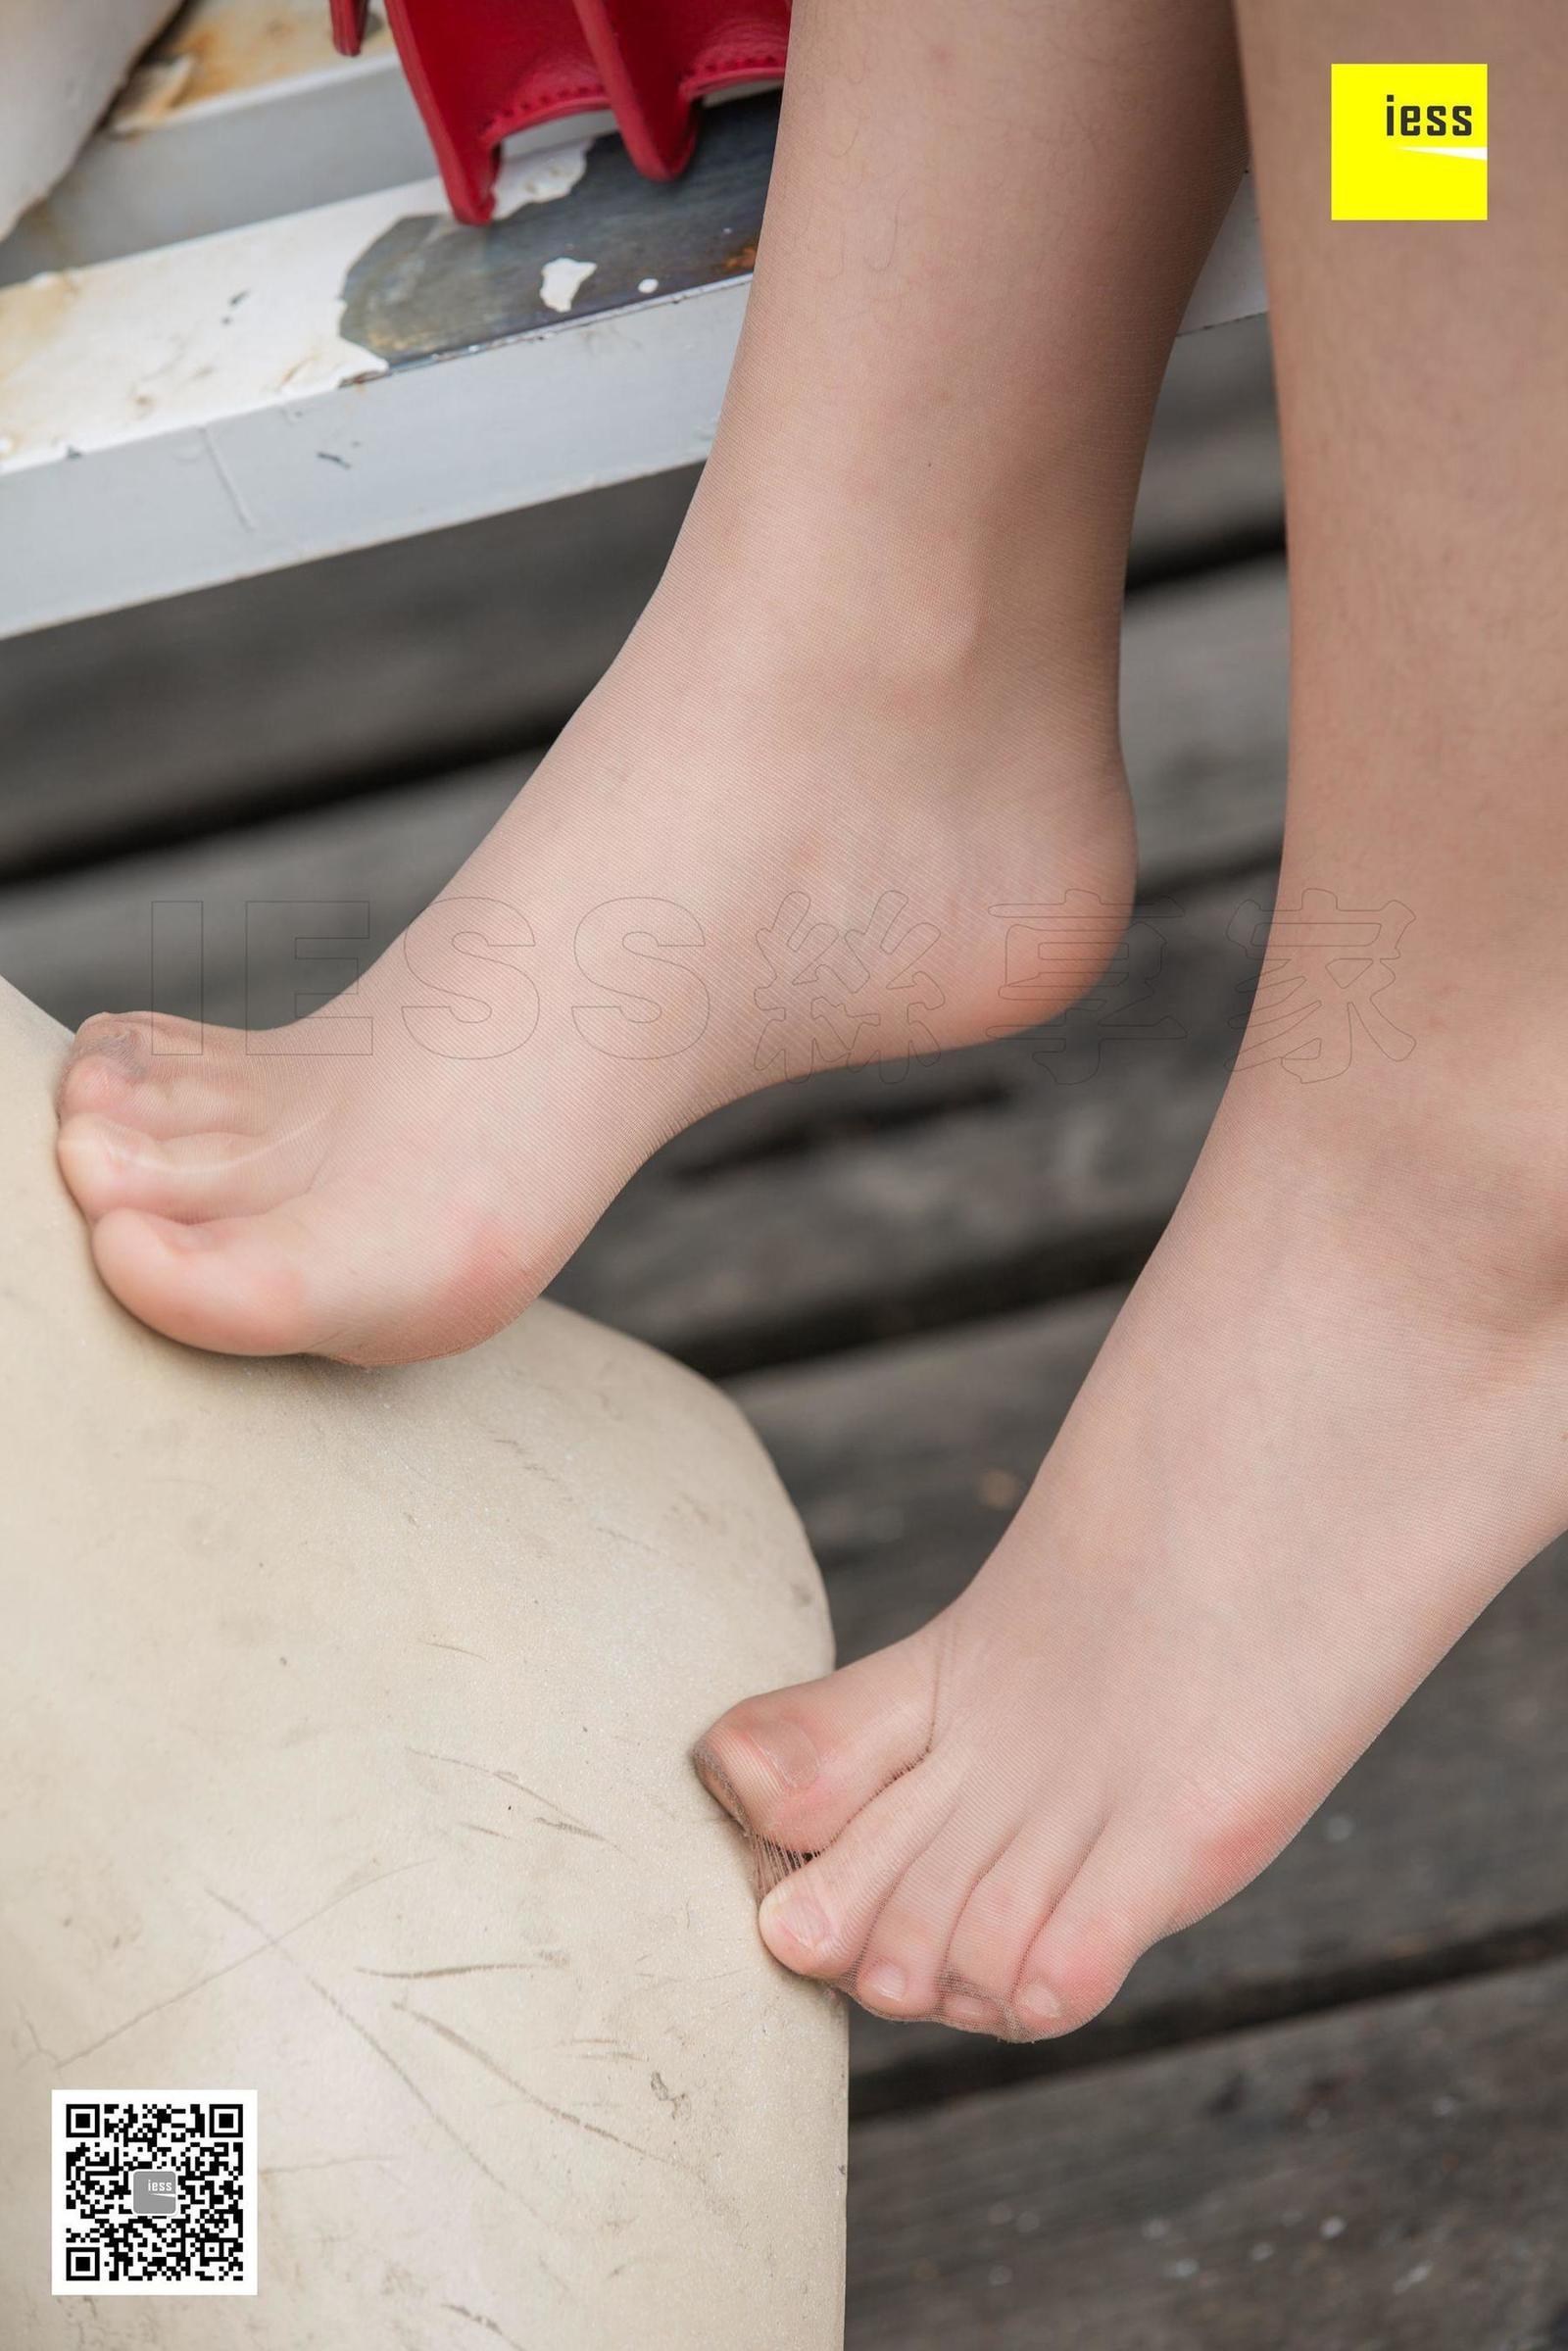 姗姗《姗姗的温柔咖啡丝》丝足美腿写真